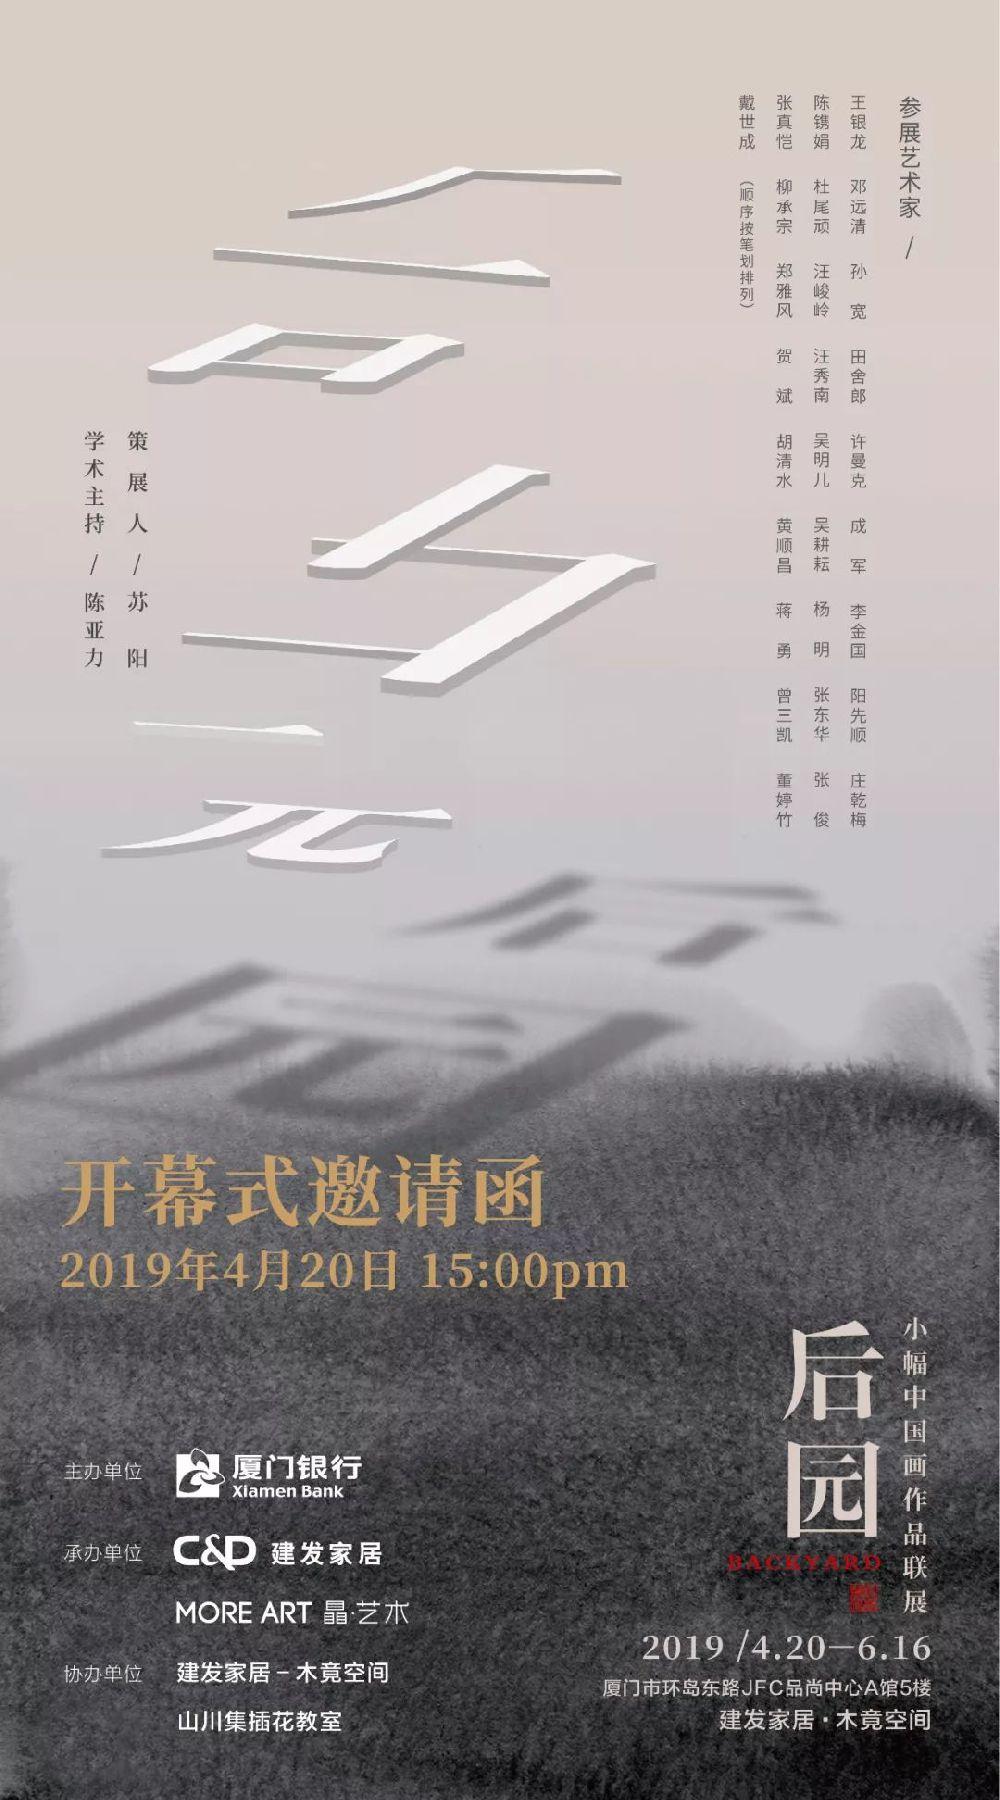 厦门展览后园—小幅中国画作品联展